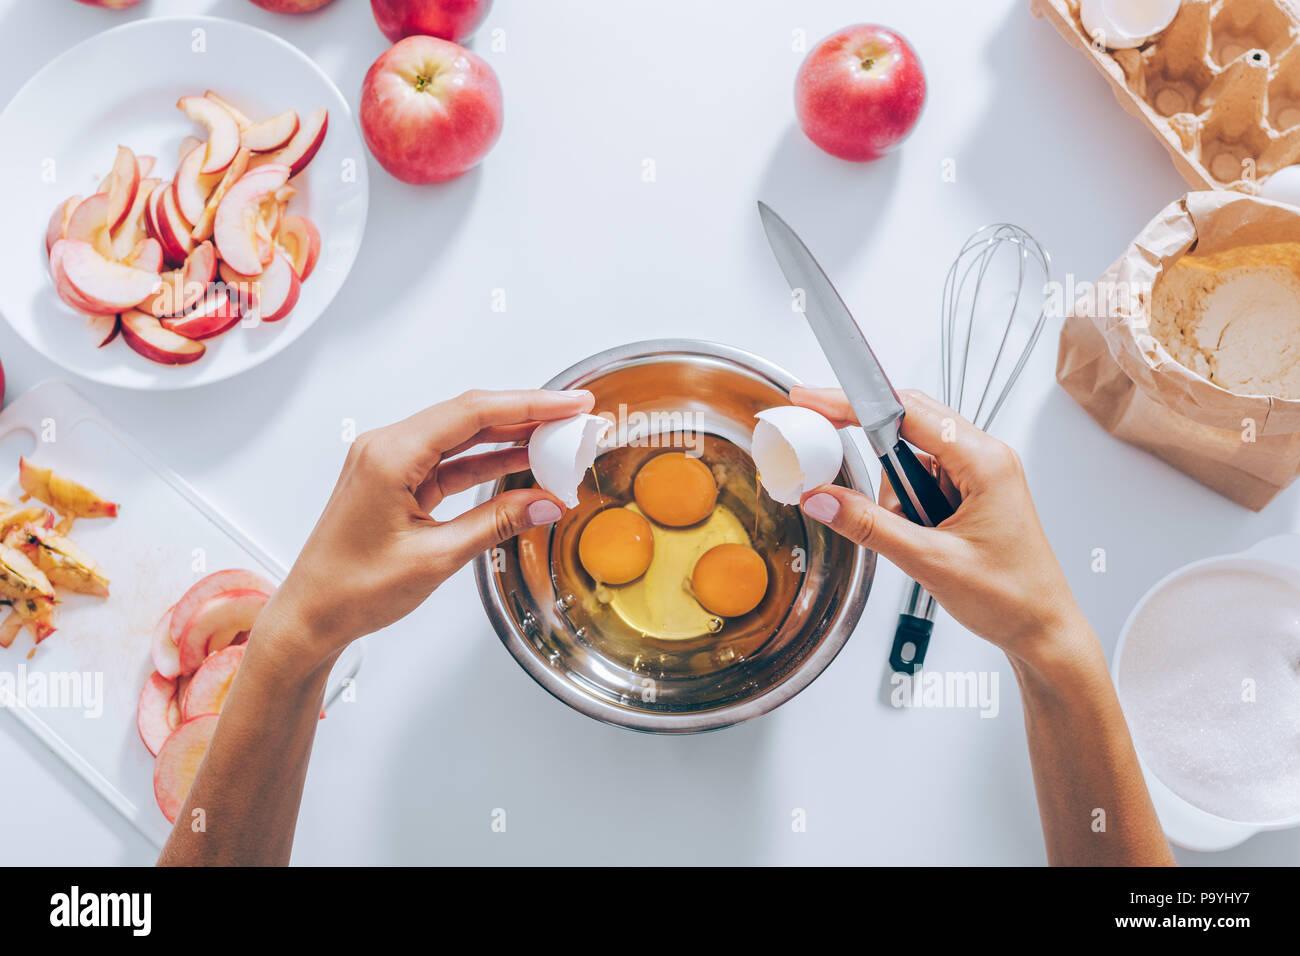 Weibliche Hande Halten Eierschalen Rissbildung Ei In Die Schussel